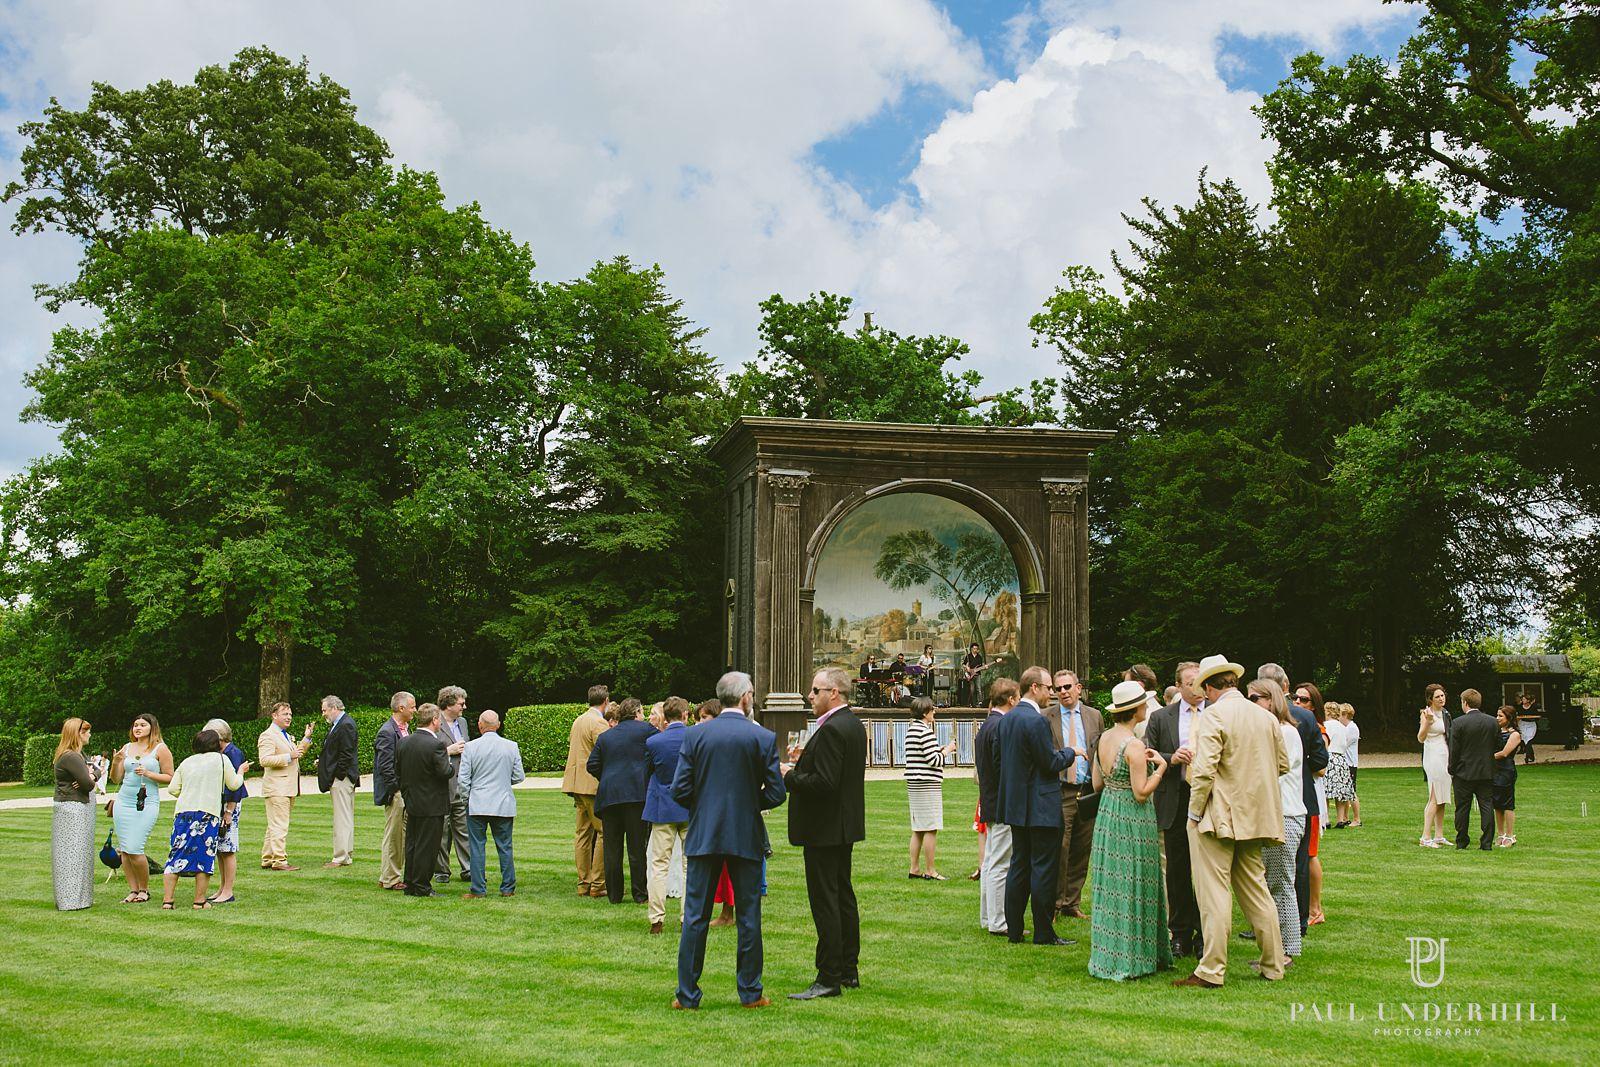 Outdoor wedding venues in Wiltshire